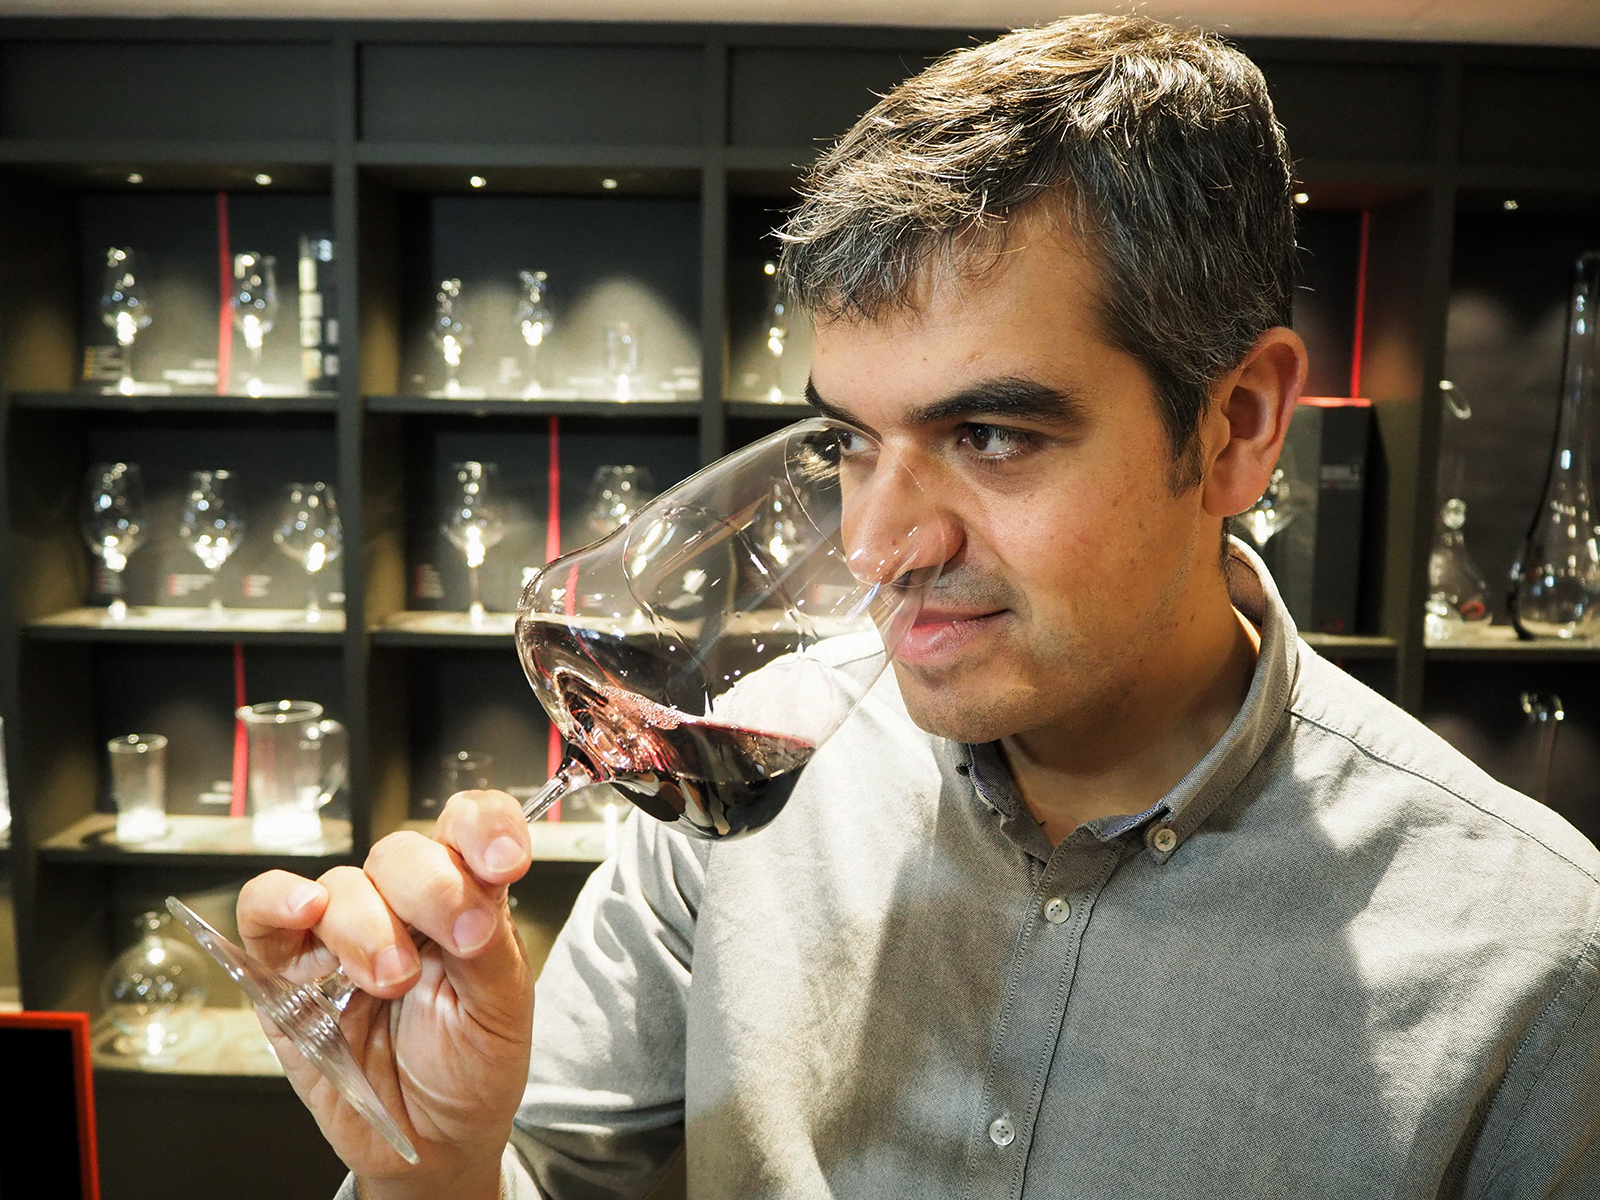 Ferran Centelles cató A.R.T Milla, un vino single vineyard de la Milla de Oro de la Ribera del Duero, elaborado por la bodega Tr3smano. Sus valoraciones aparecen en la web de Jancis Robinson, Master of Wine.